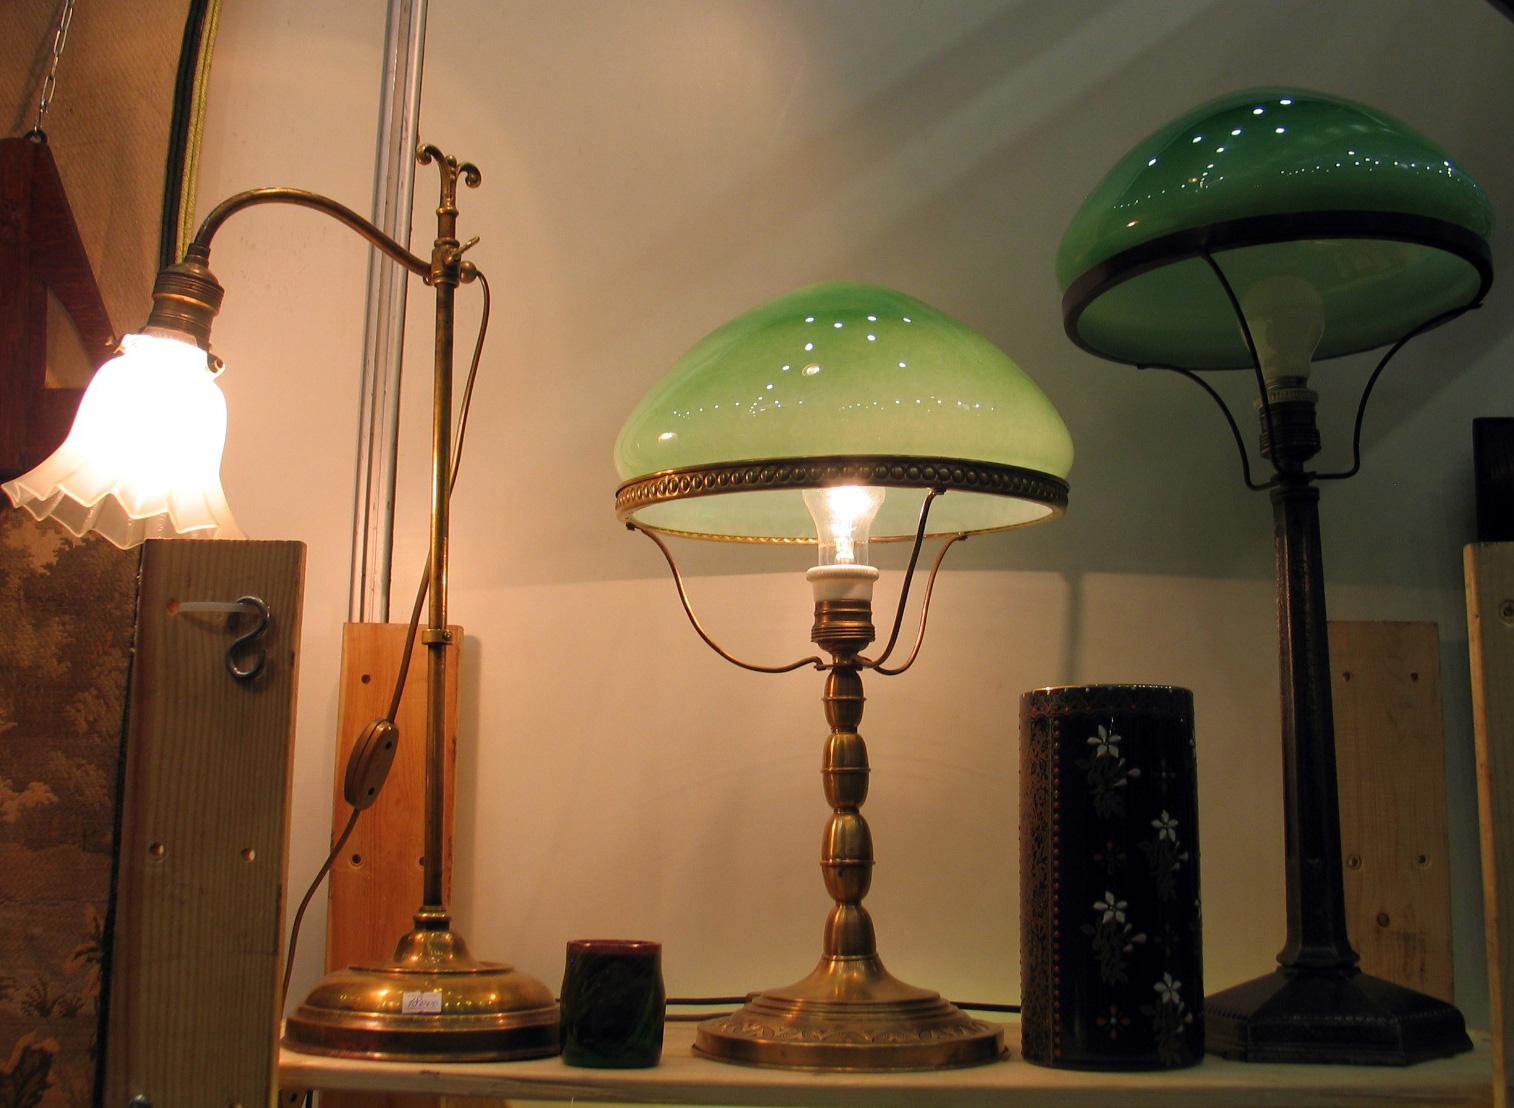 Настольная лампа своими руками: как сделать, абажур, идеи и 73